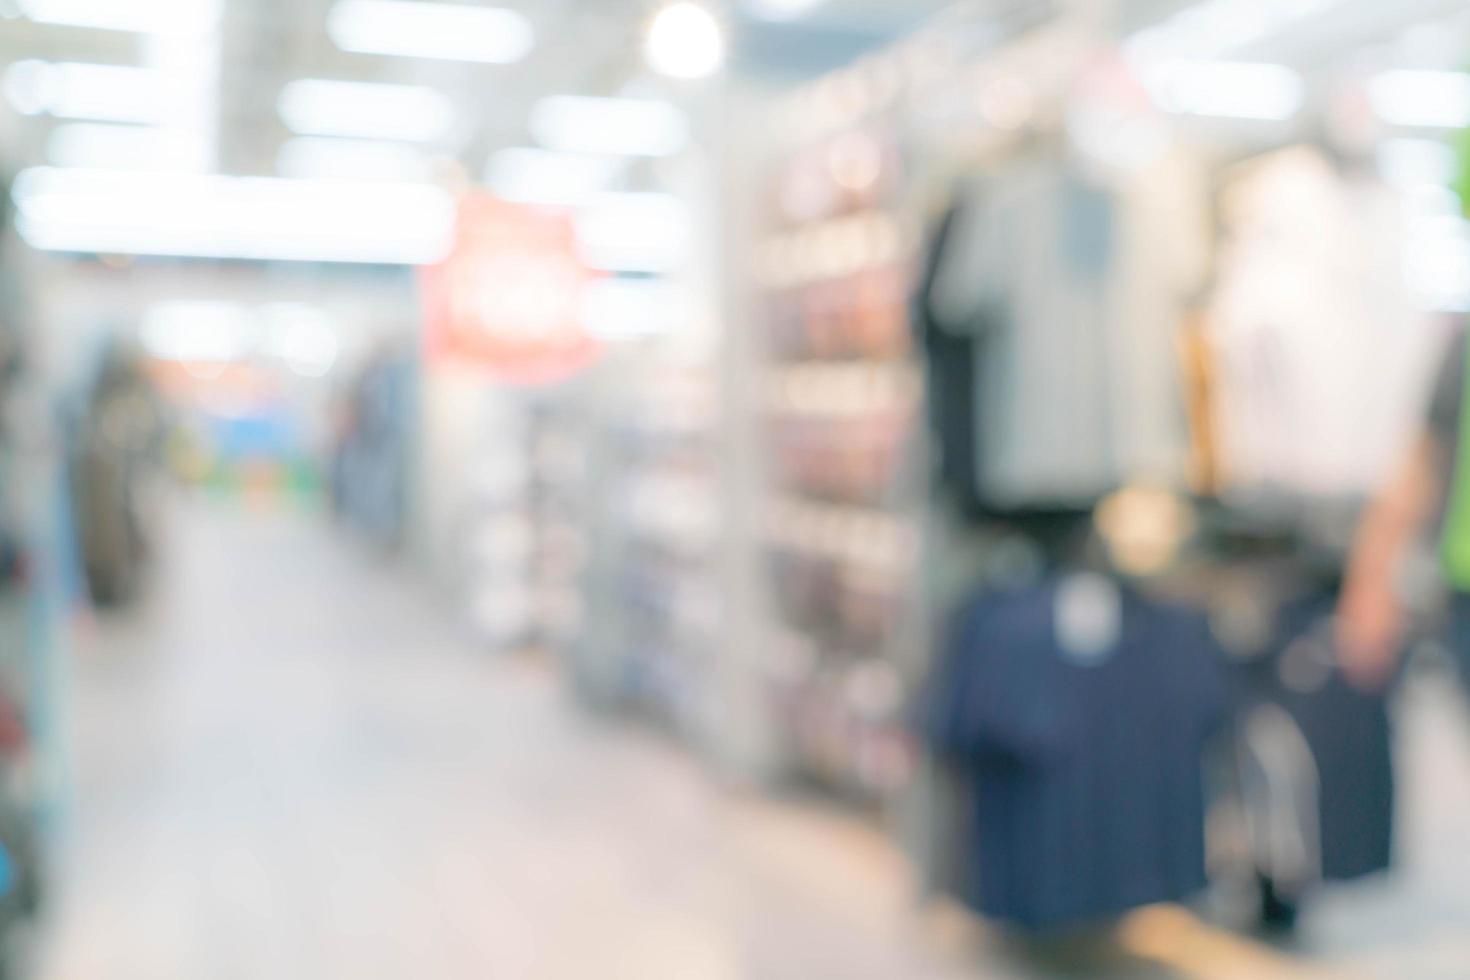 centro commerciale sfocato astratto e interno del negozio al dettaglio foto